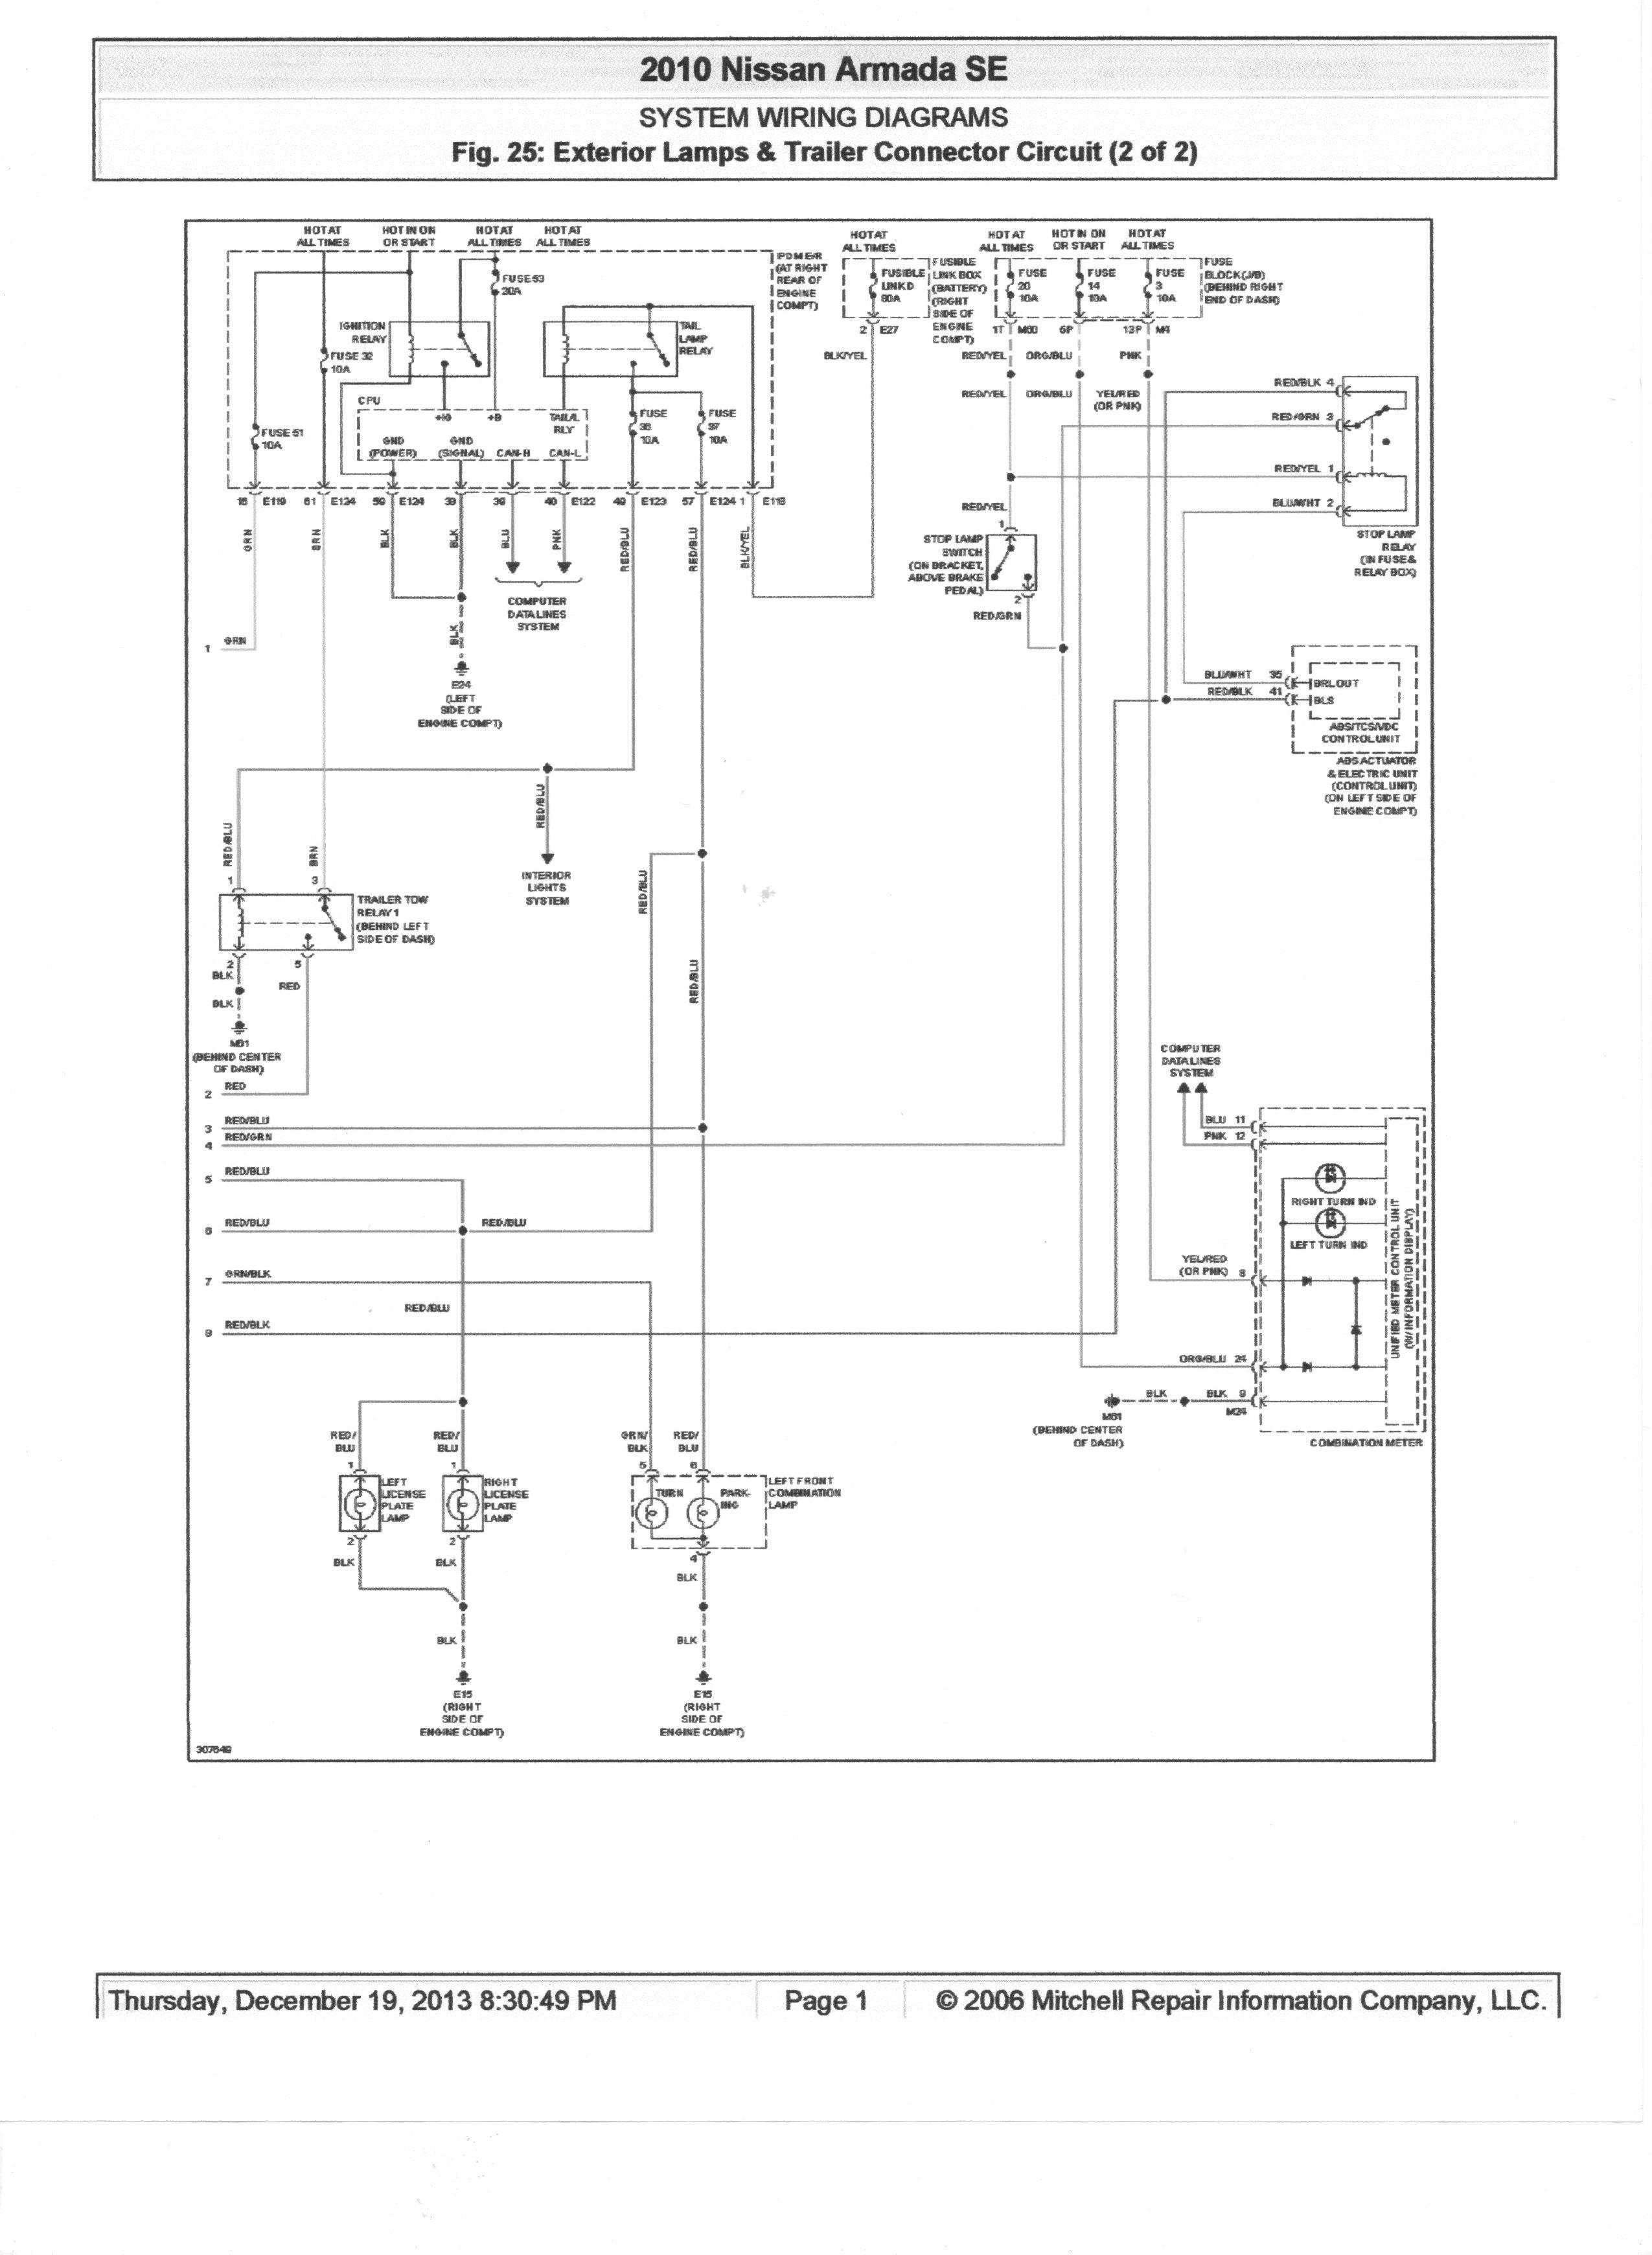 Wiring Diagram for Titan Trailer Best Trailer Wiring Diagram Nissan Titan Tarjetasysobres